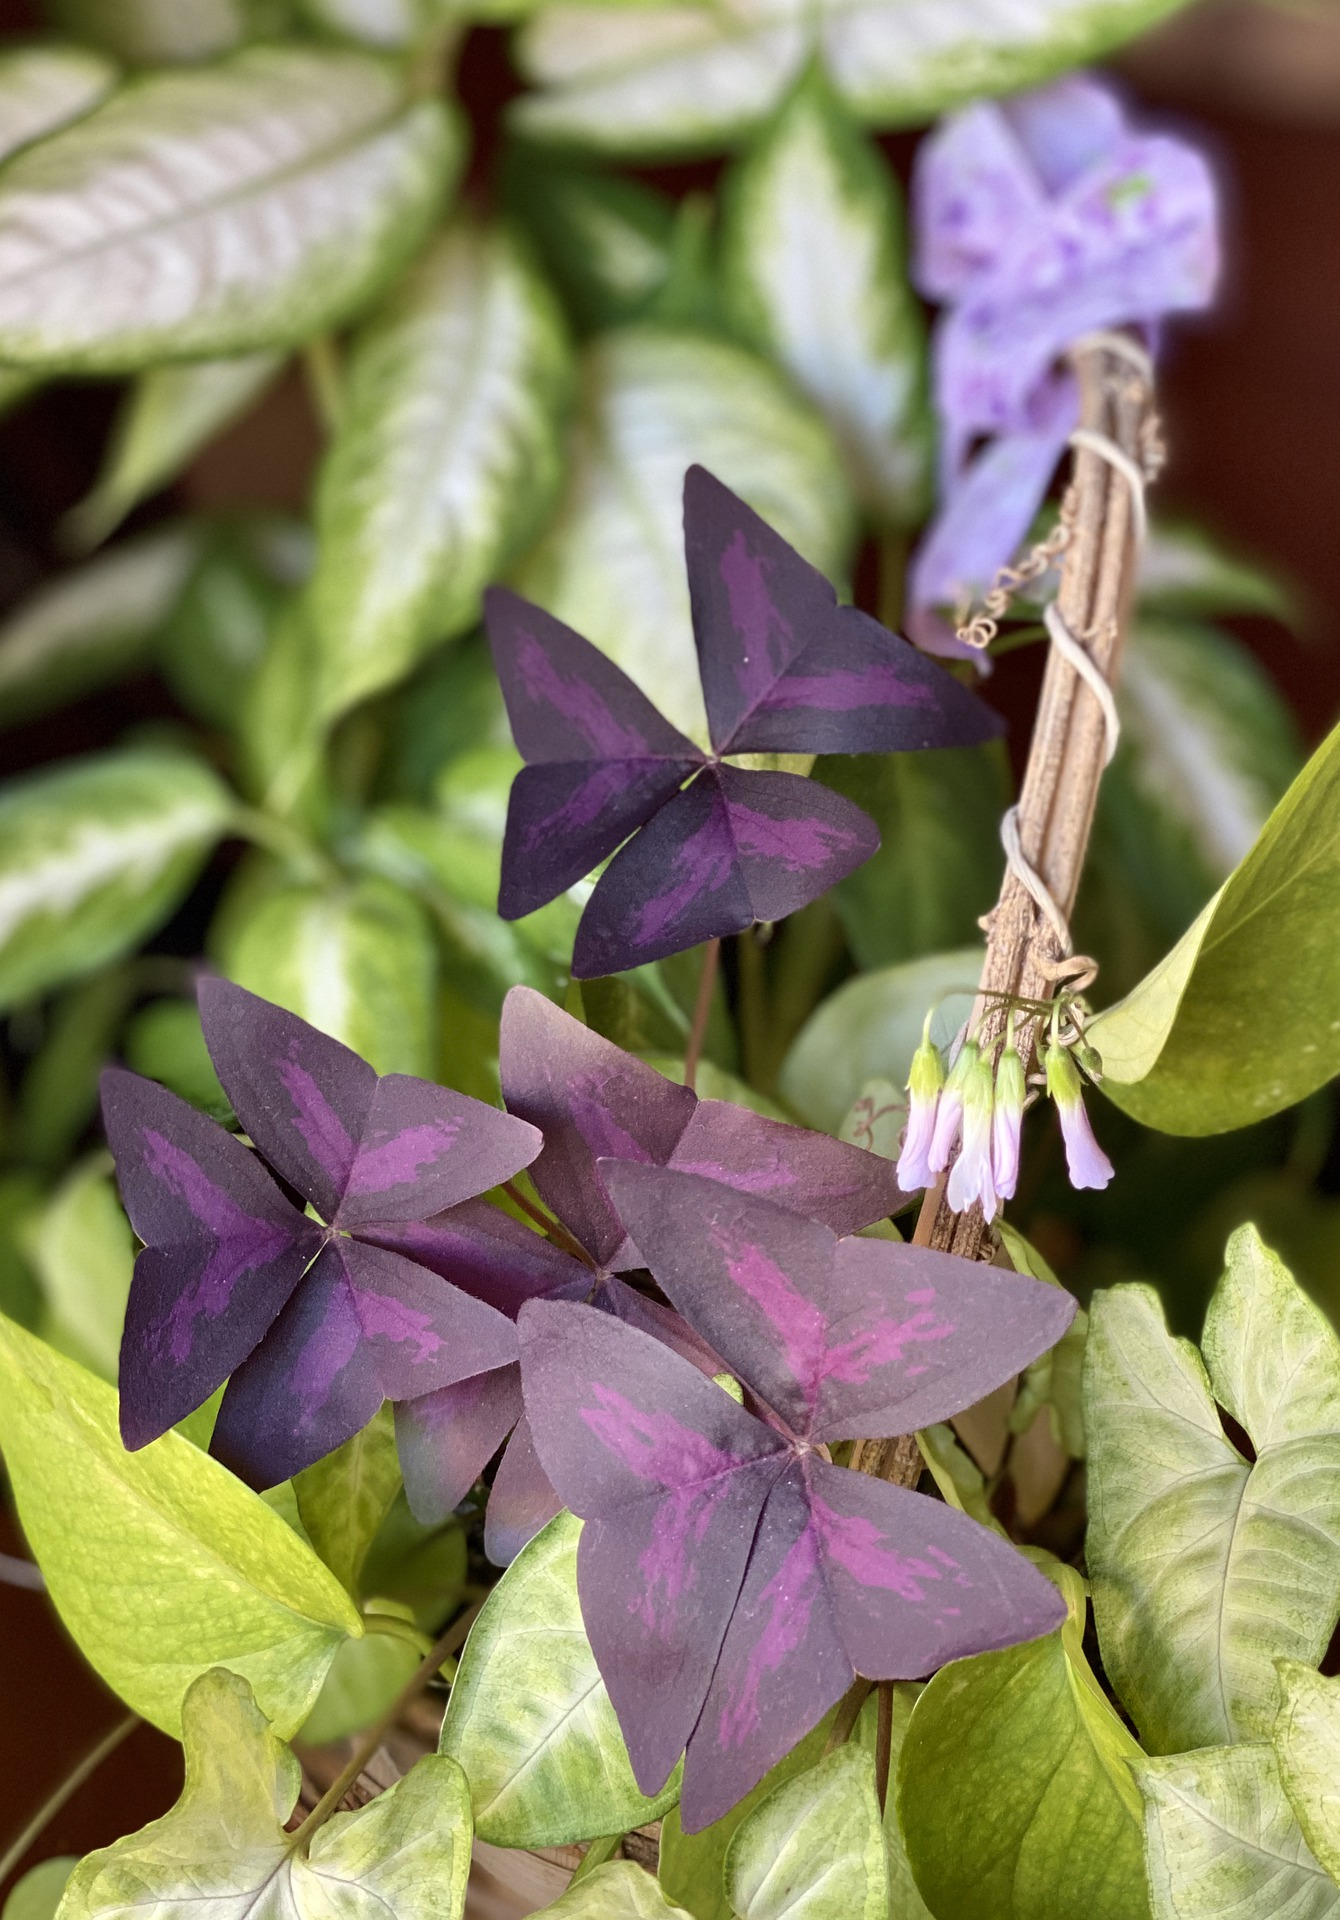 oxalis triangularis oxalis pourpre violet fleurs roses- La jardinerie de pessicart nice - Livraison a domicile nice 06 plantes vertes terres terreaux jardinage arbres cactus